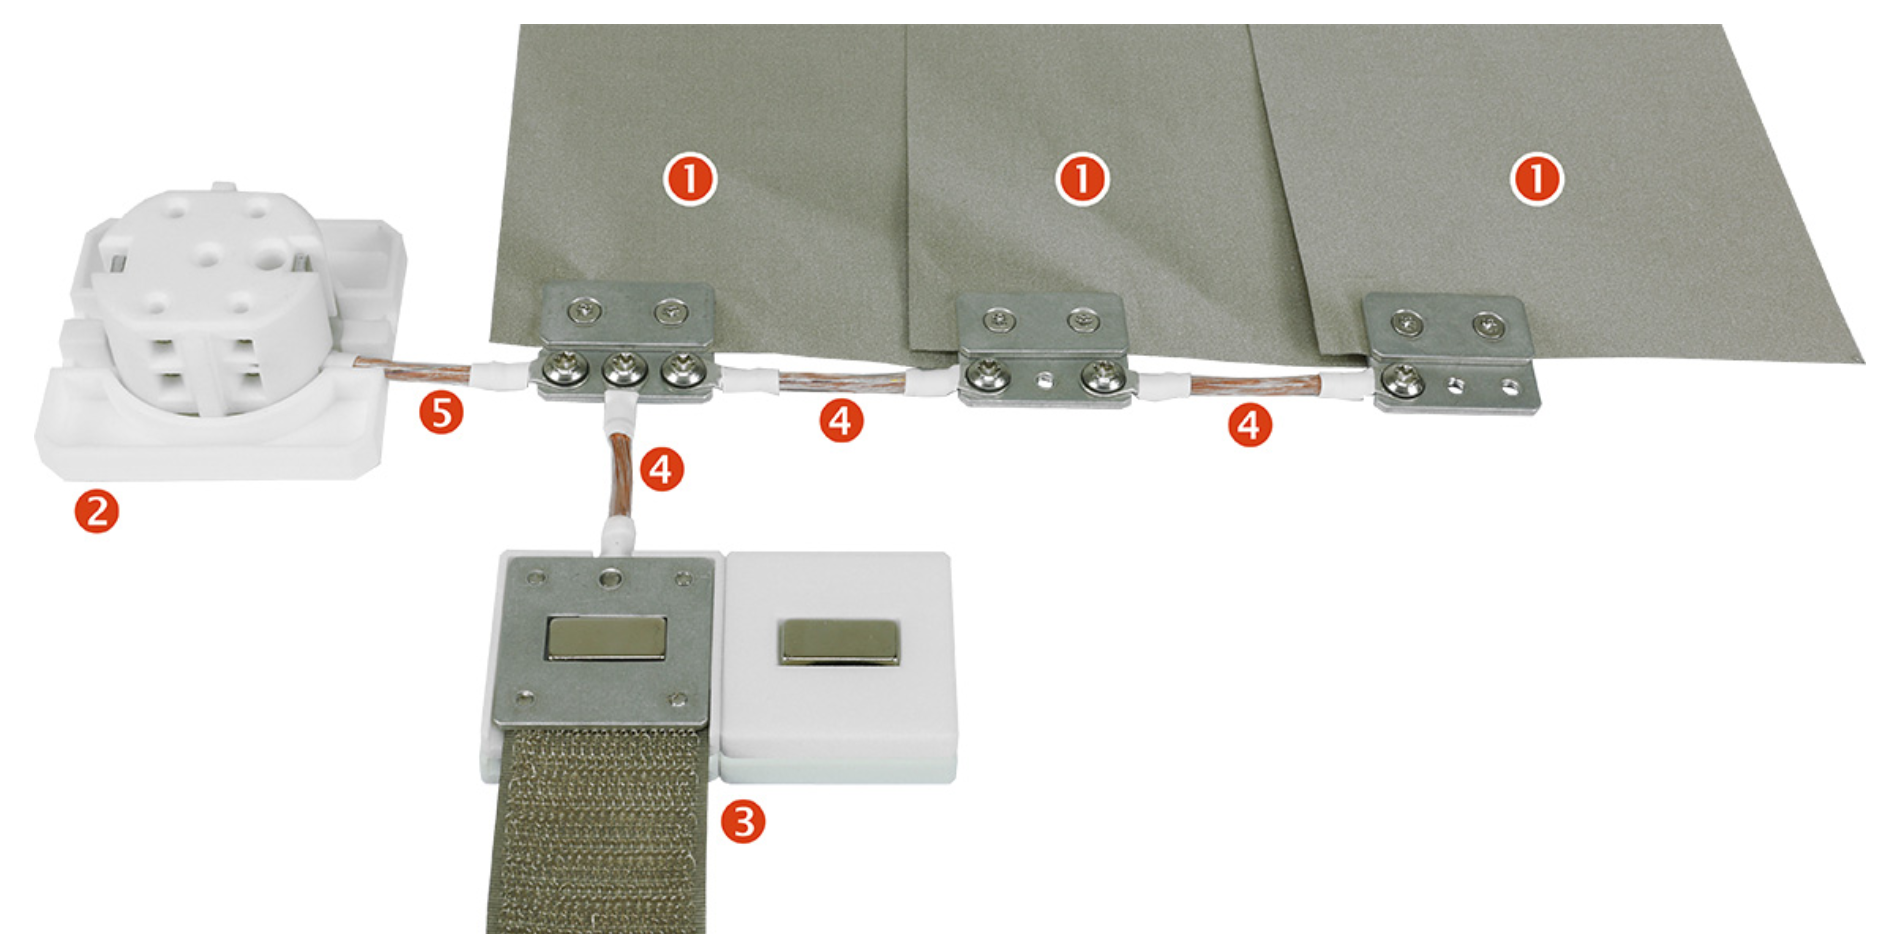 Les étapes d'installations du tapis de mise à la terre pour baldaquin lit simple - BU2 Yshield